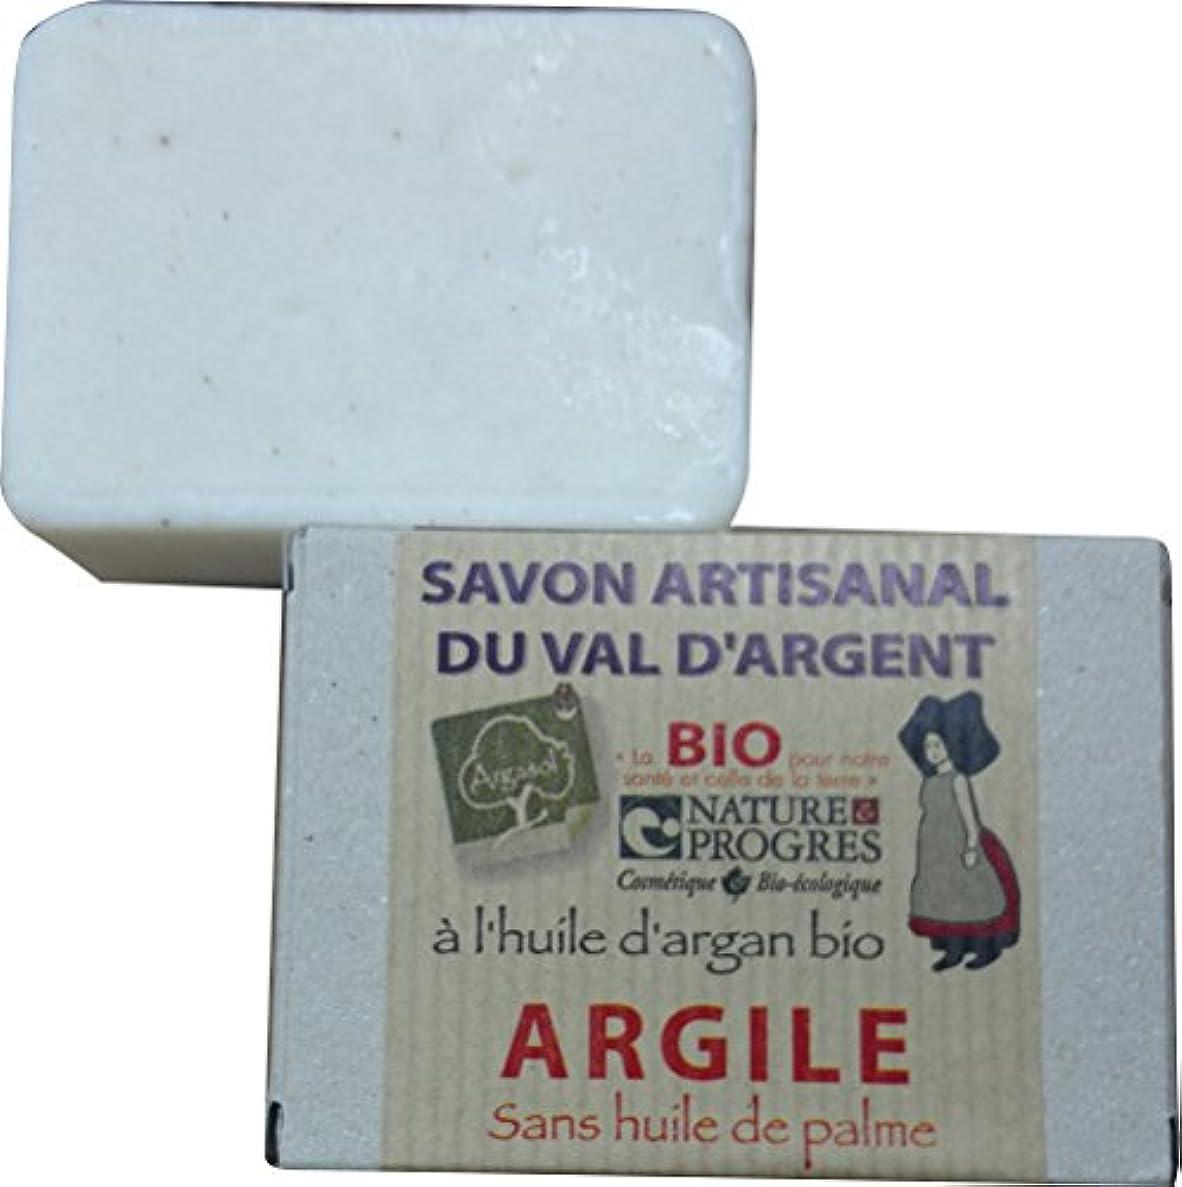 コイン落とし穴関係ないサボン アルガソル(SAVON ARGASOL) クレイ